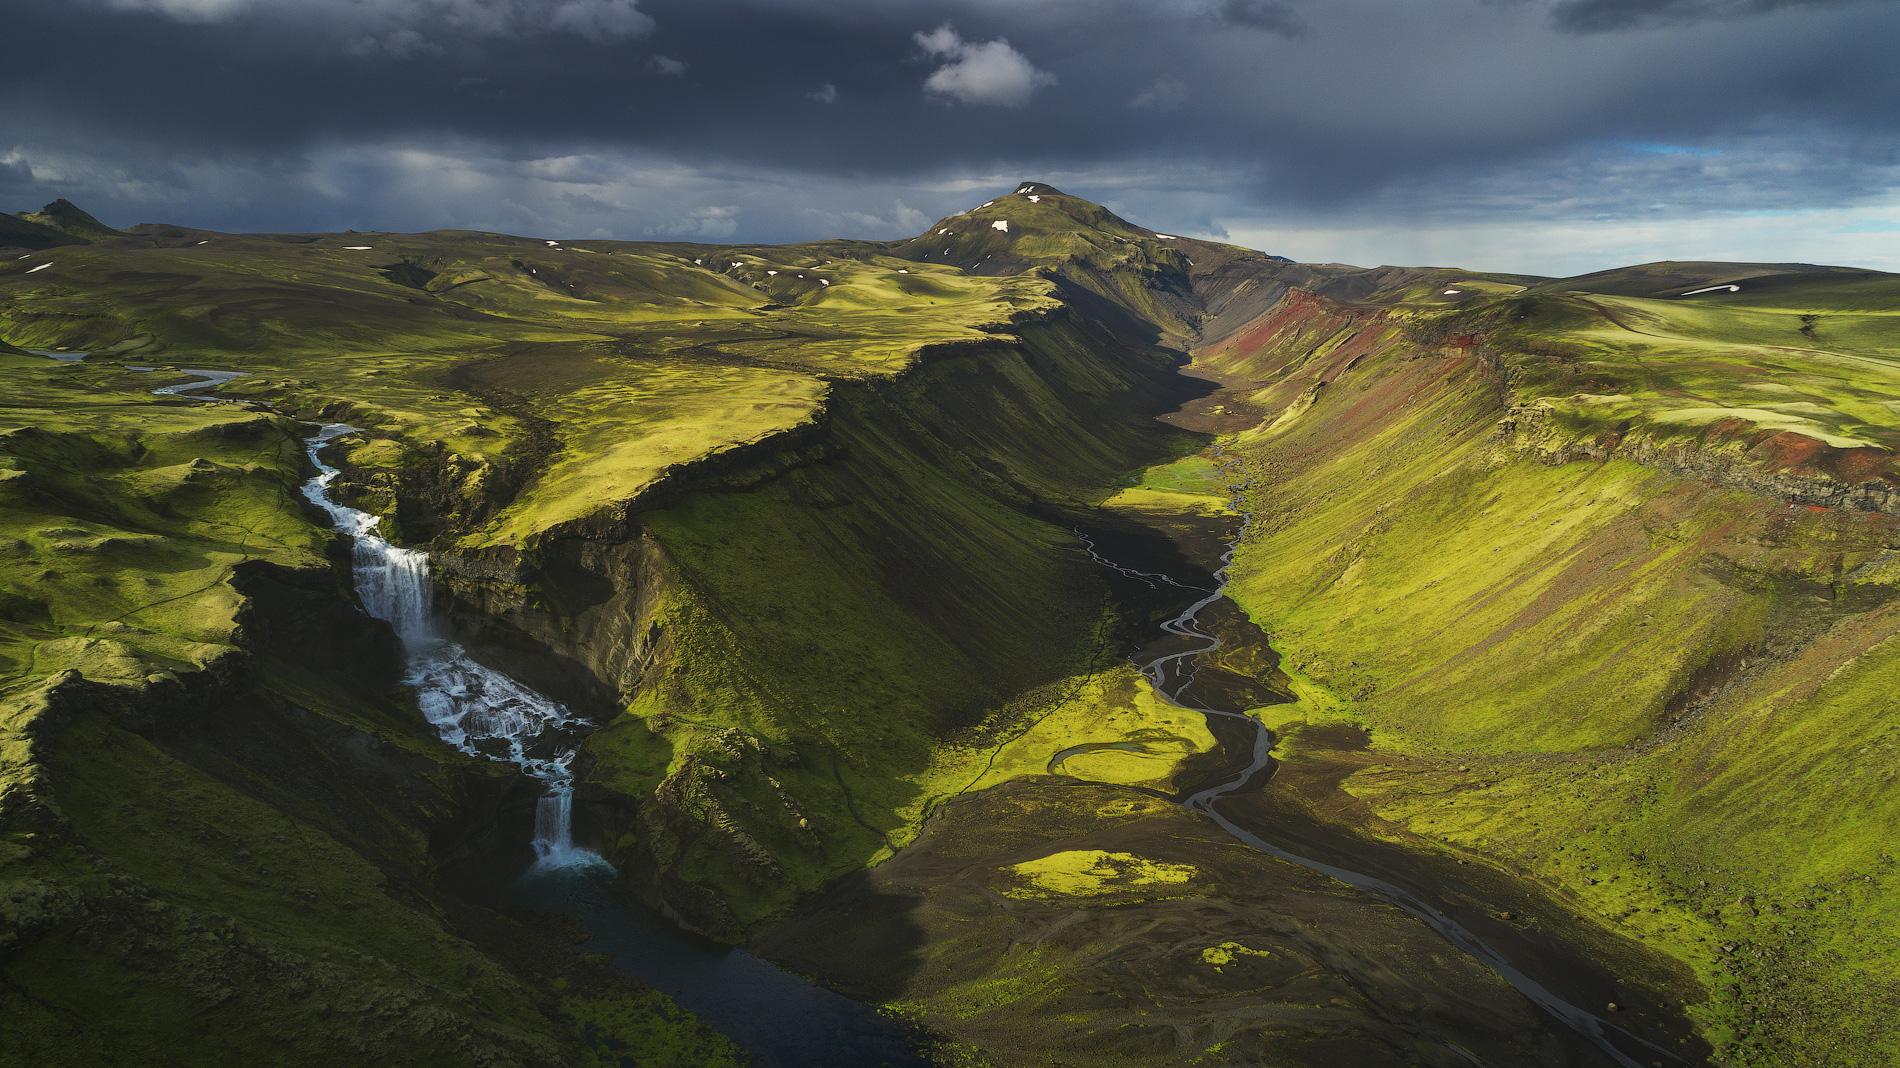 Un impresionante cañón en las Tierras Altas de Islandia.